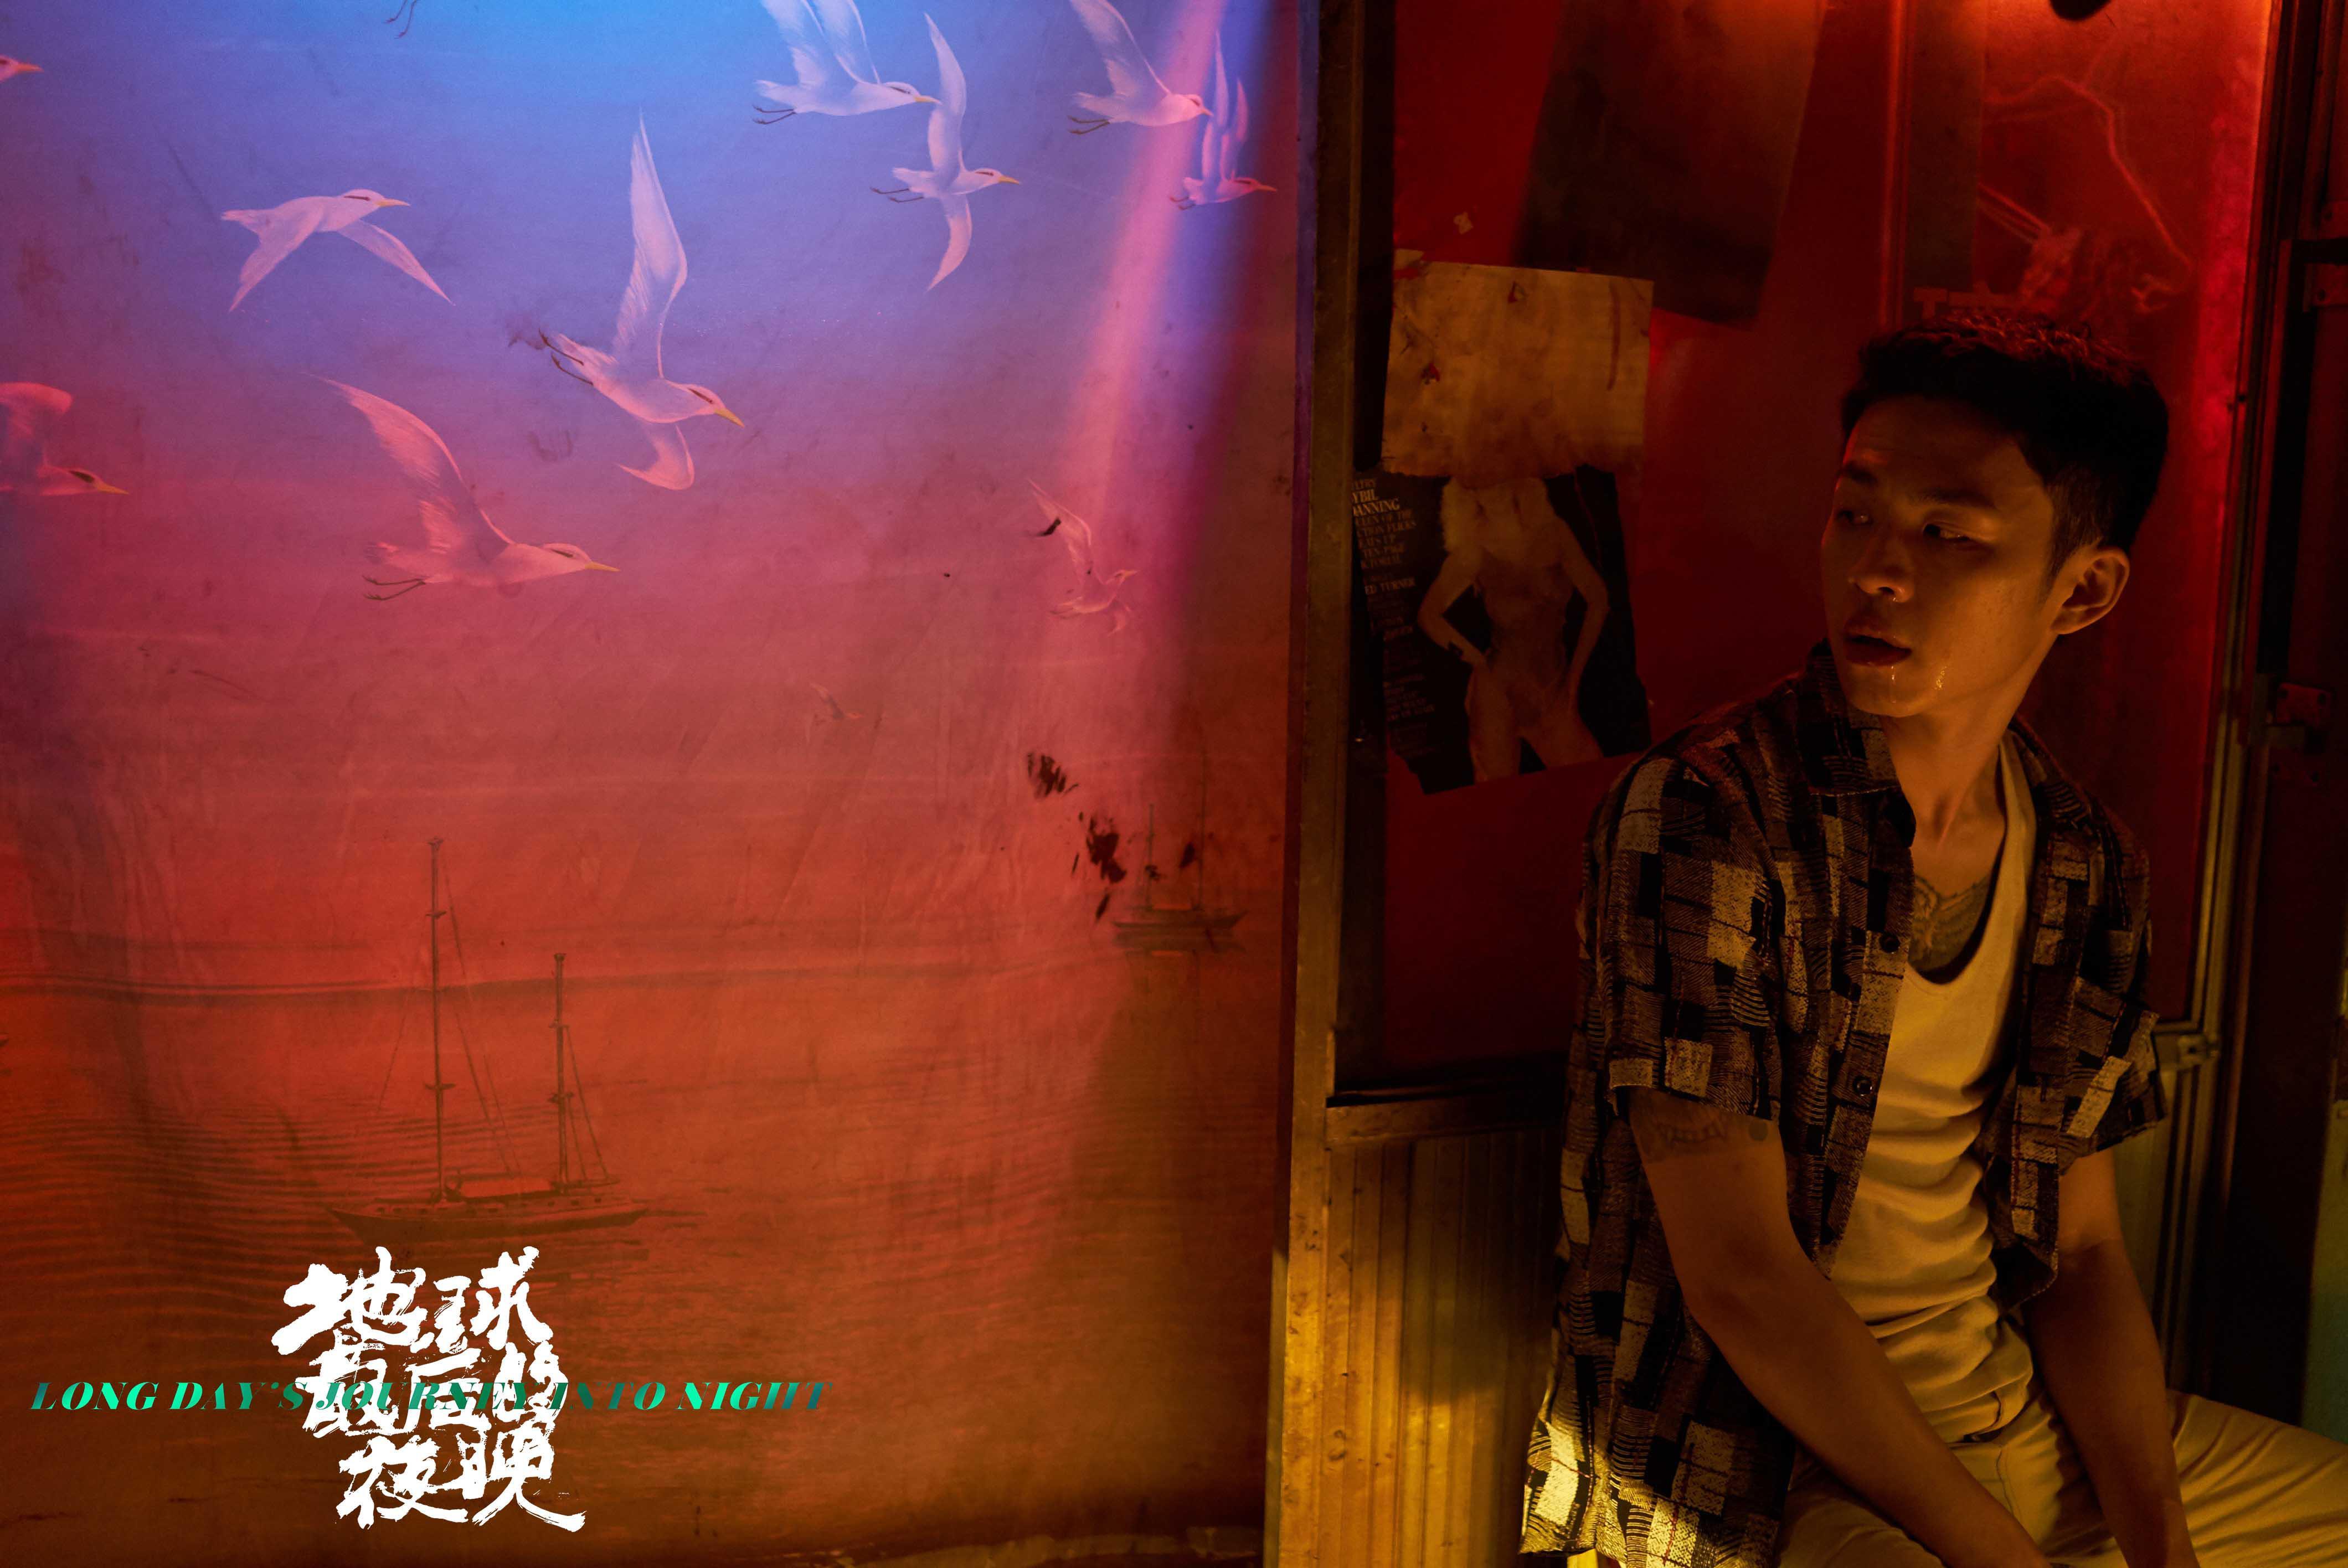 李鸿其主演地球上映 高级脸催泪特写成最佳记忆点